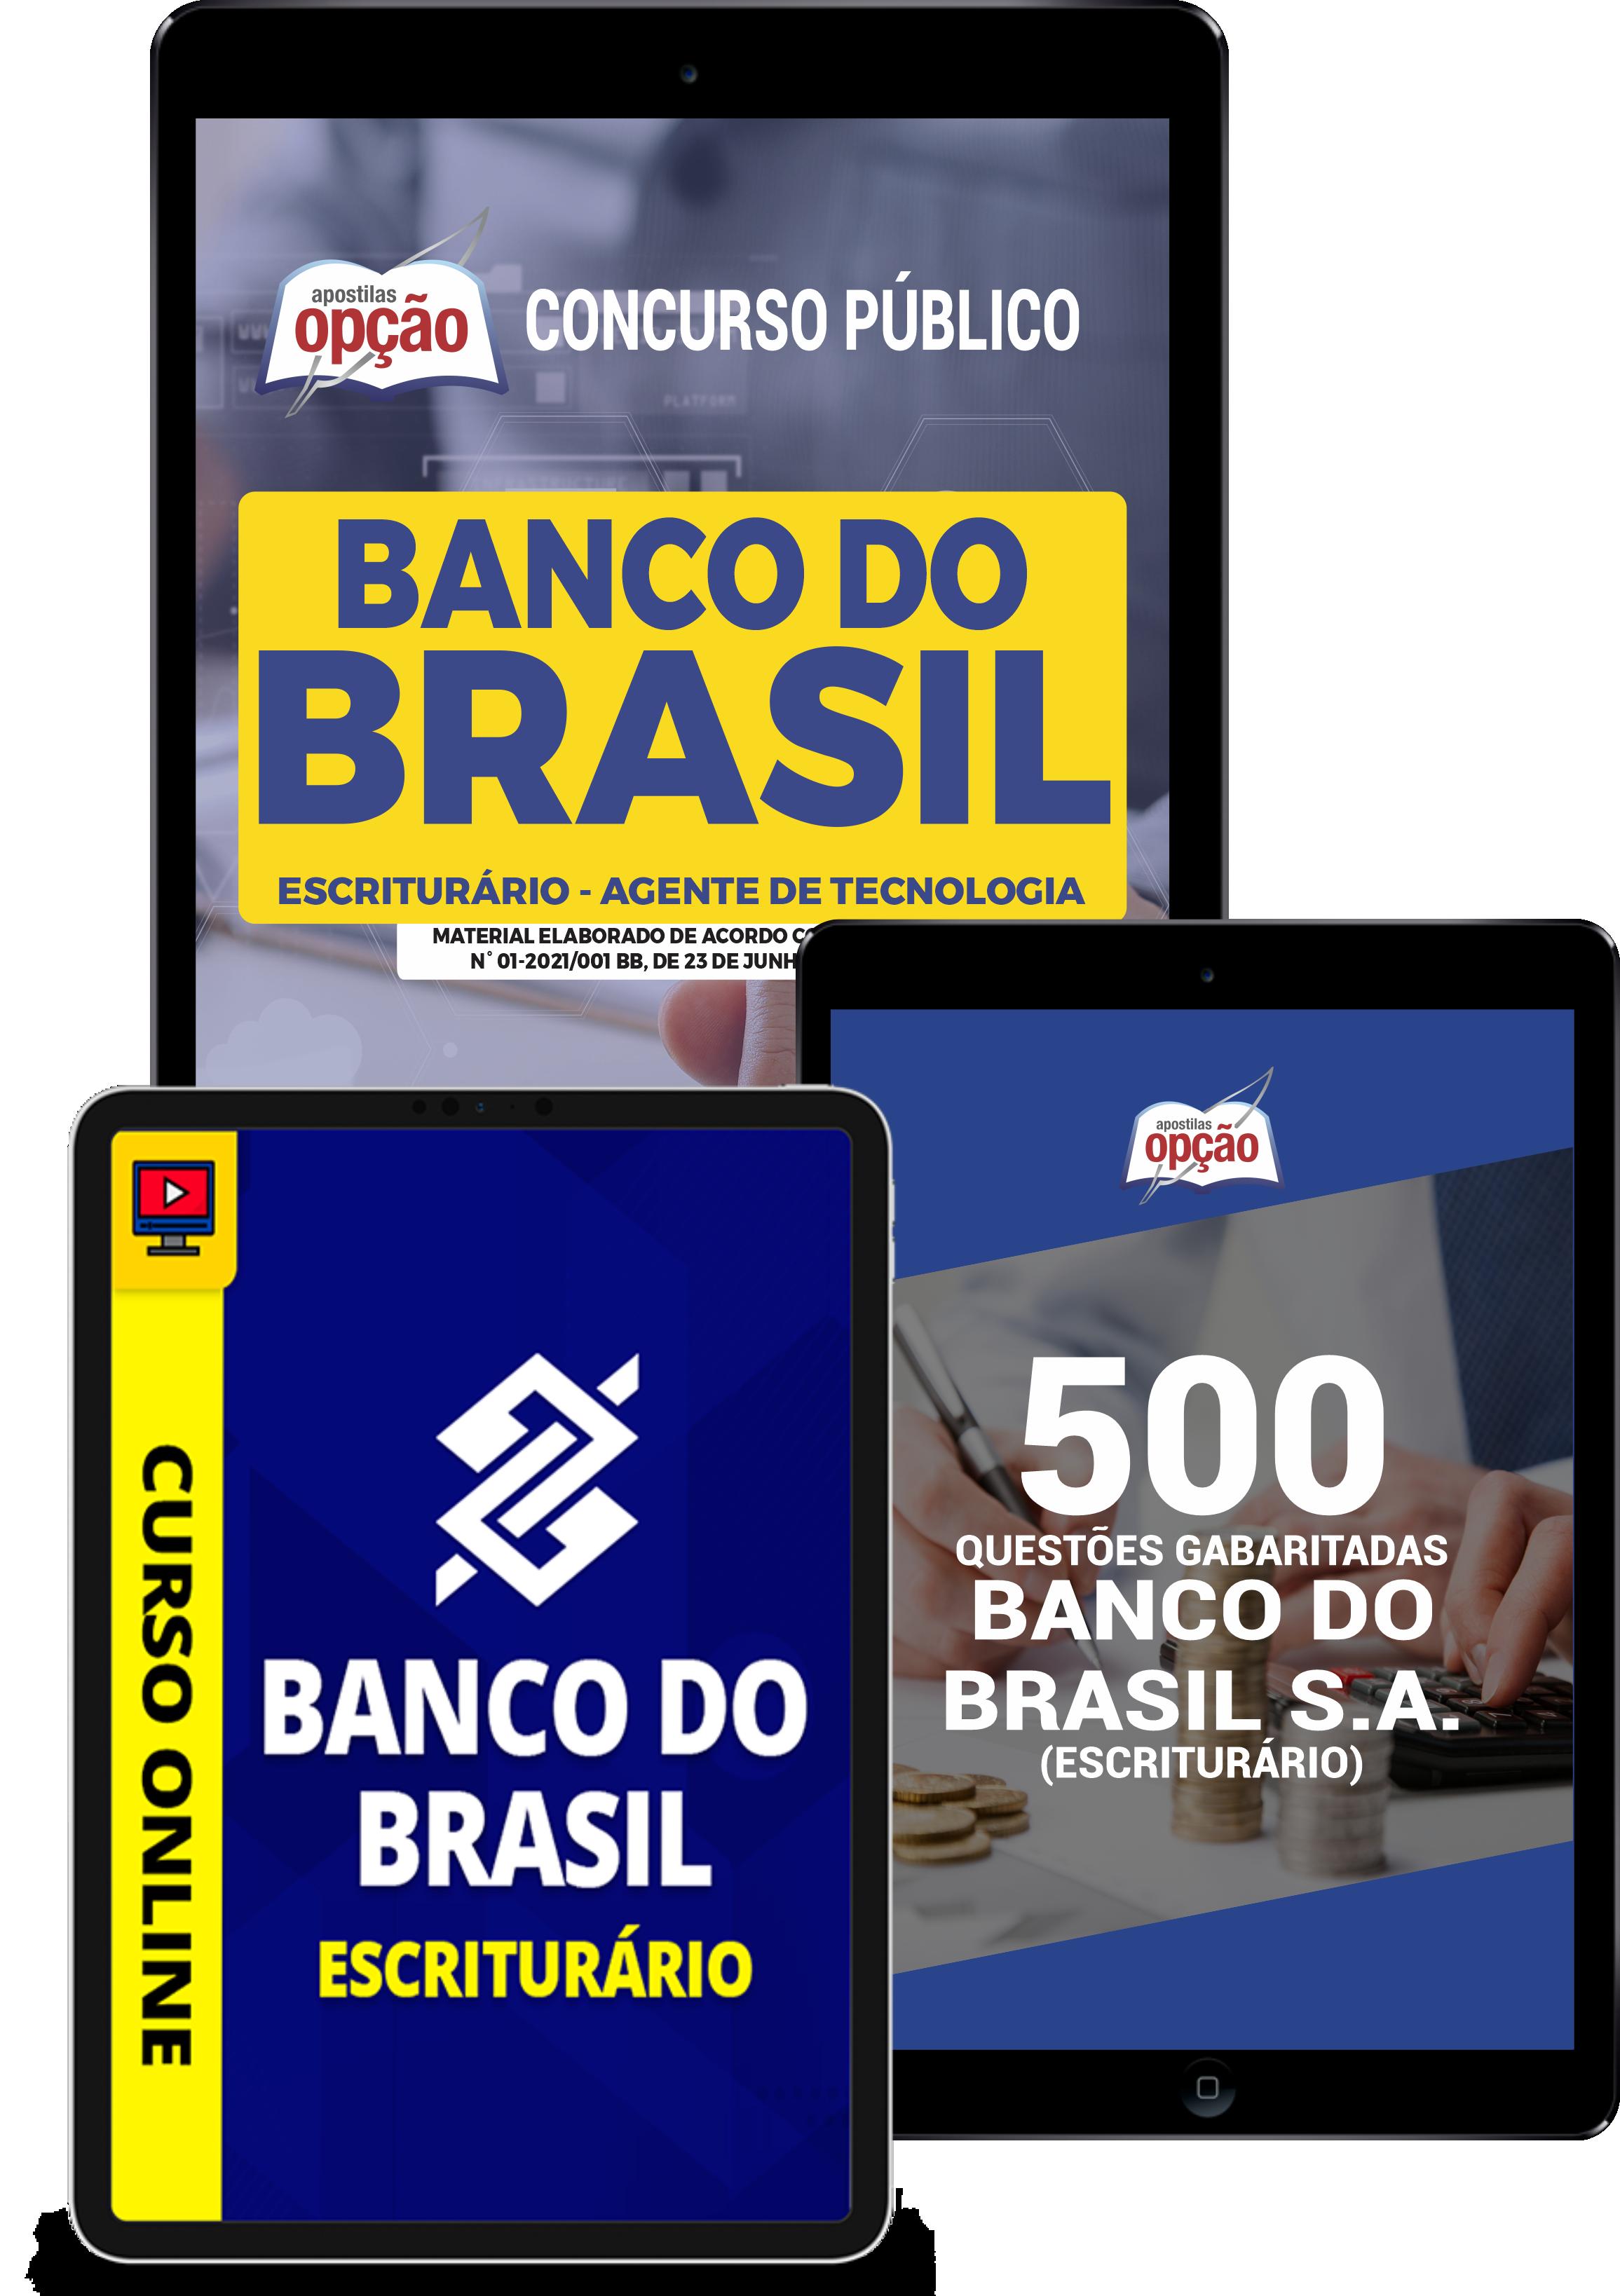 Combo Banco do Brasil Escriturário - Agente de Tecnologia